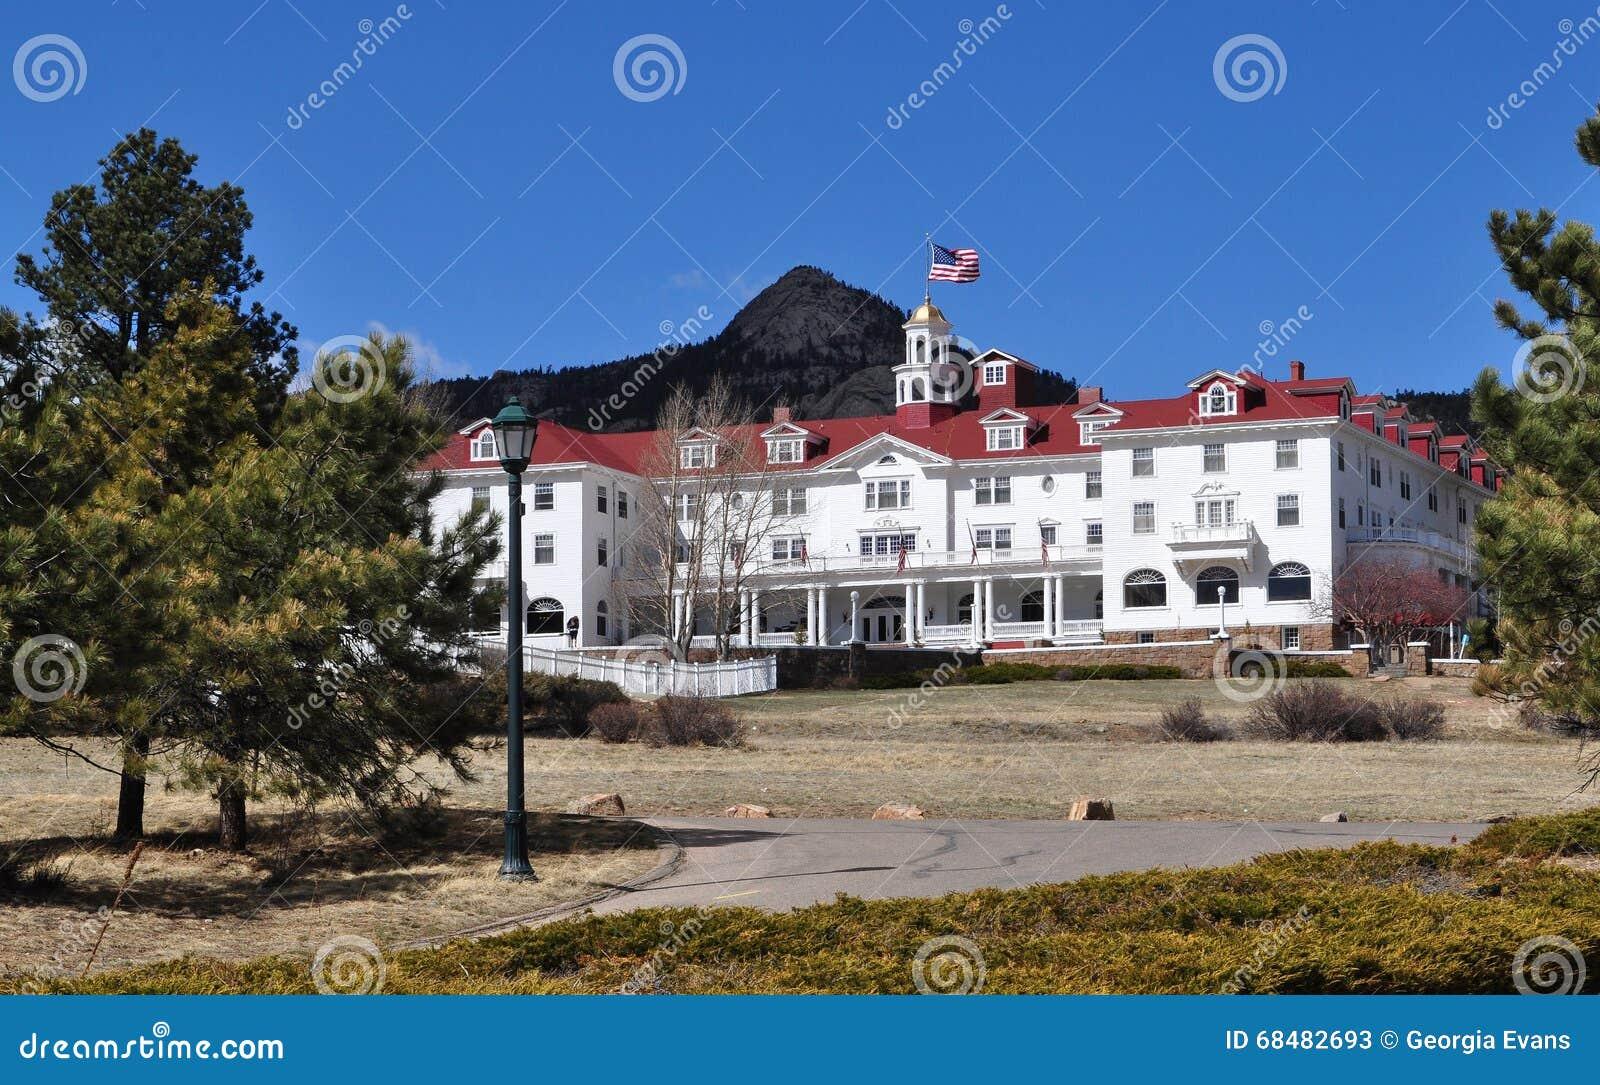 斯坦利旅馆是一个著名旅游胜地